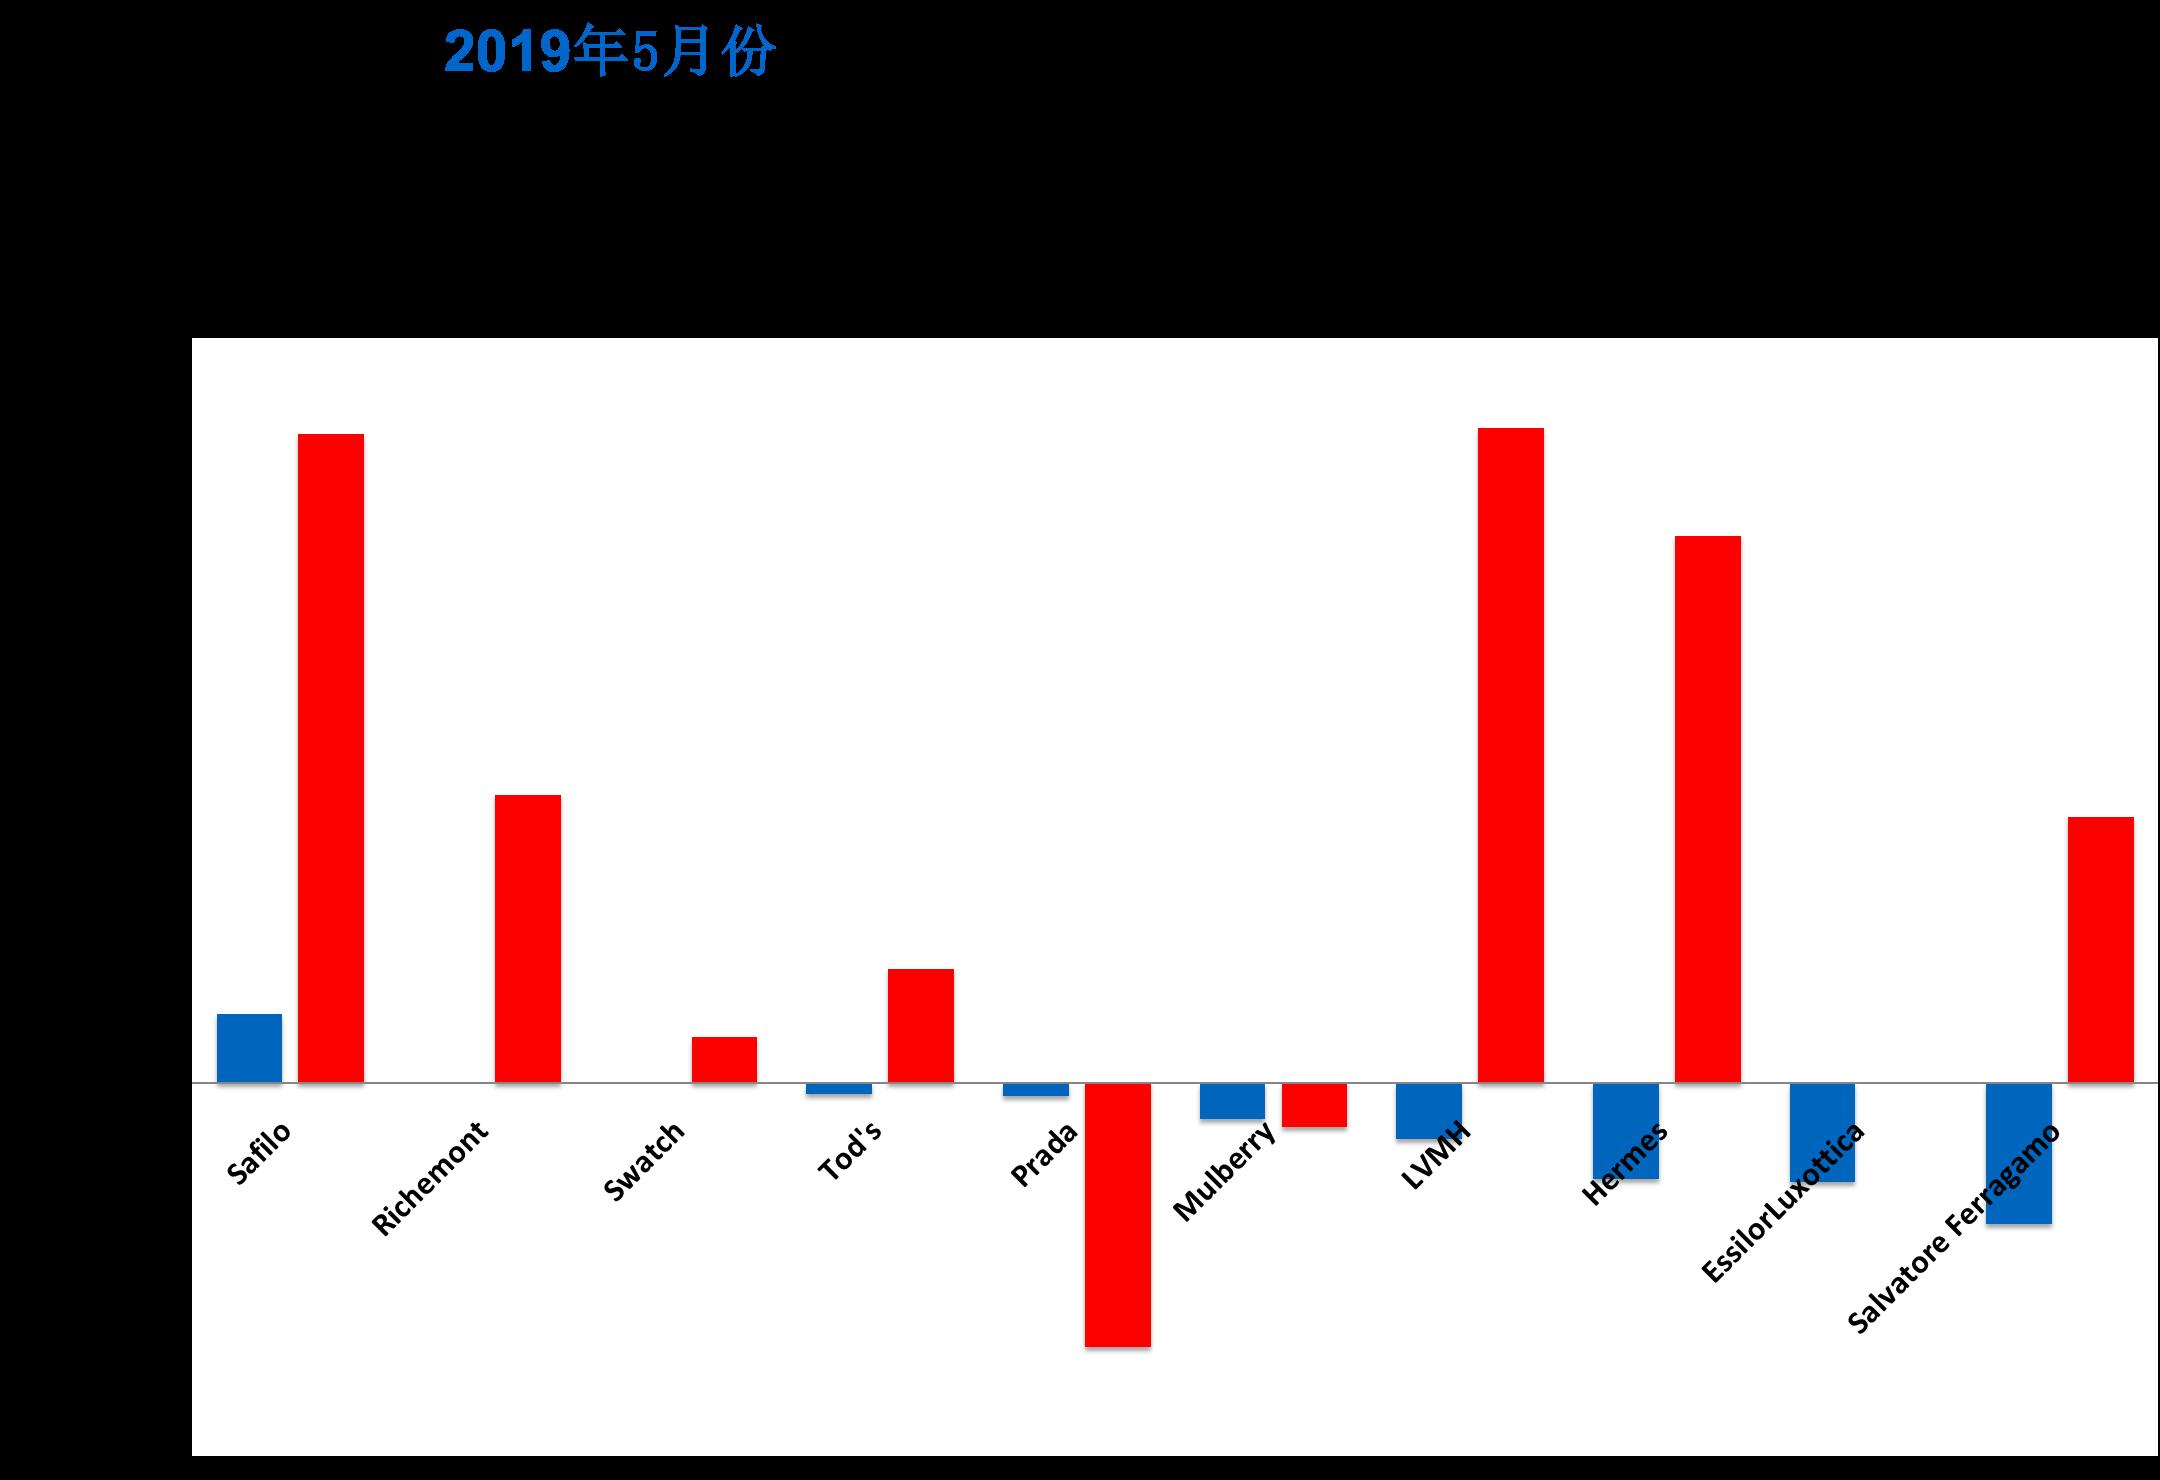 华丽志奢侈品股票月报:5月,全球奢侈品股价大面积下跌,11只跌幅超过10%